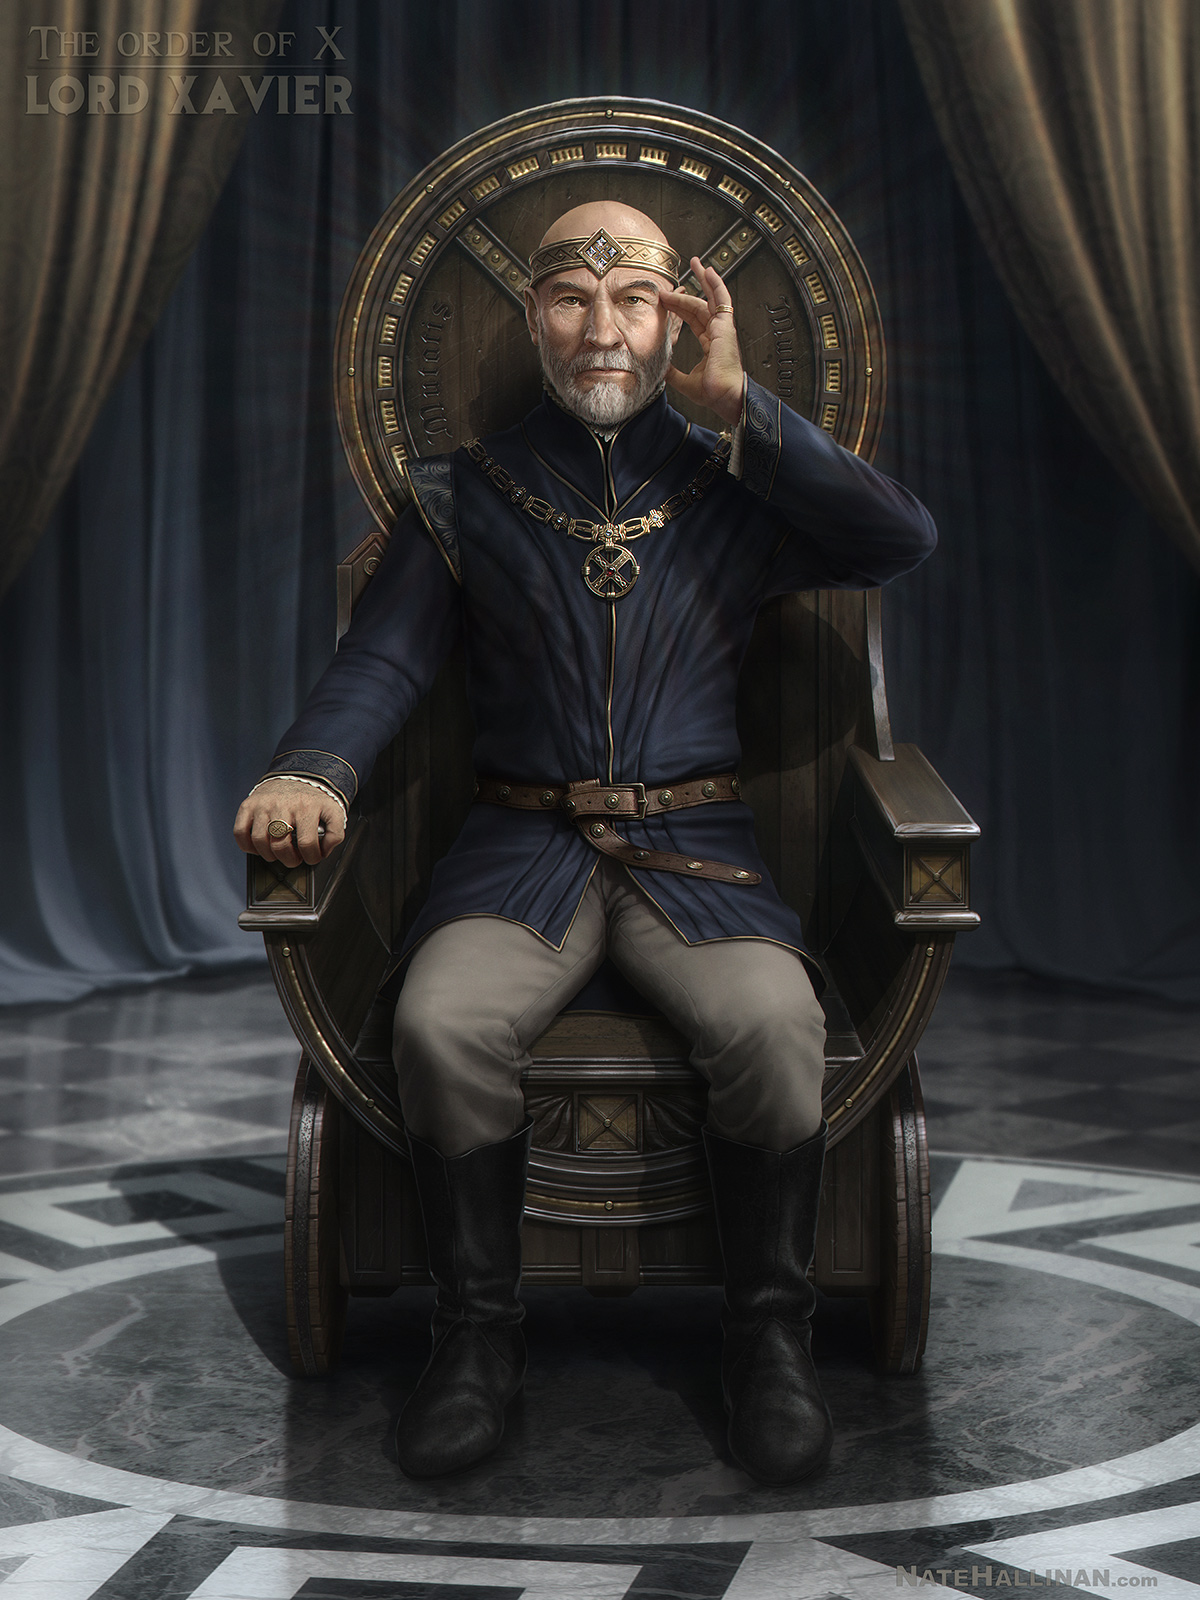 lord-xavier